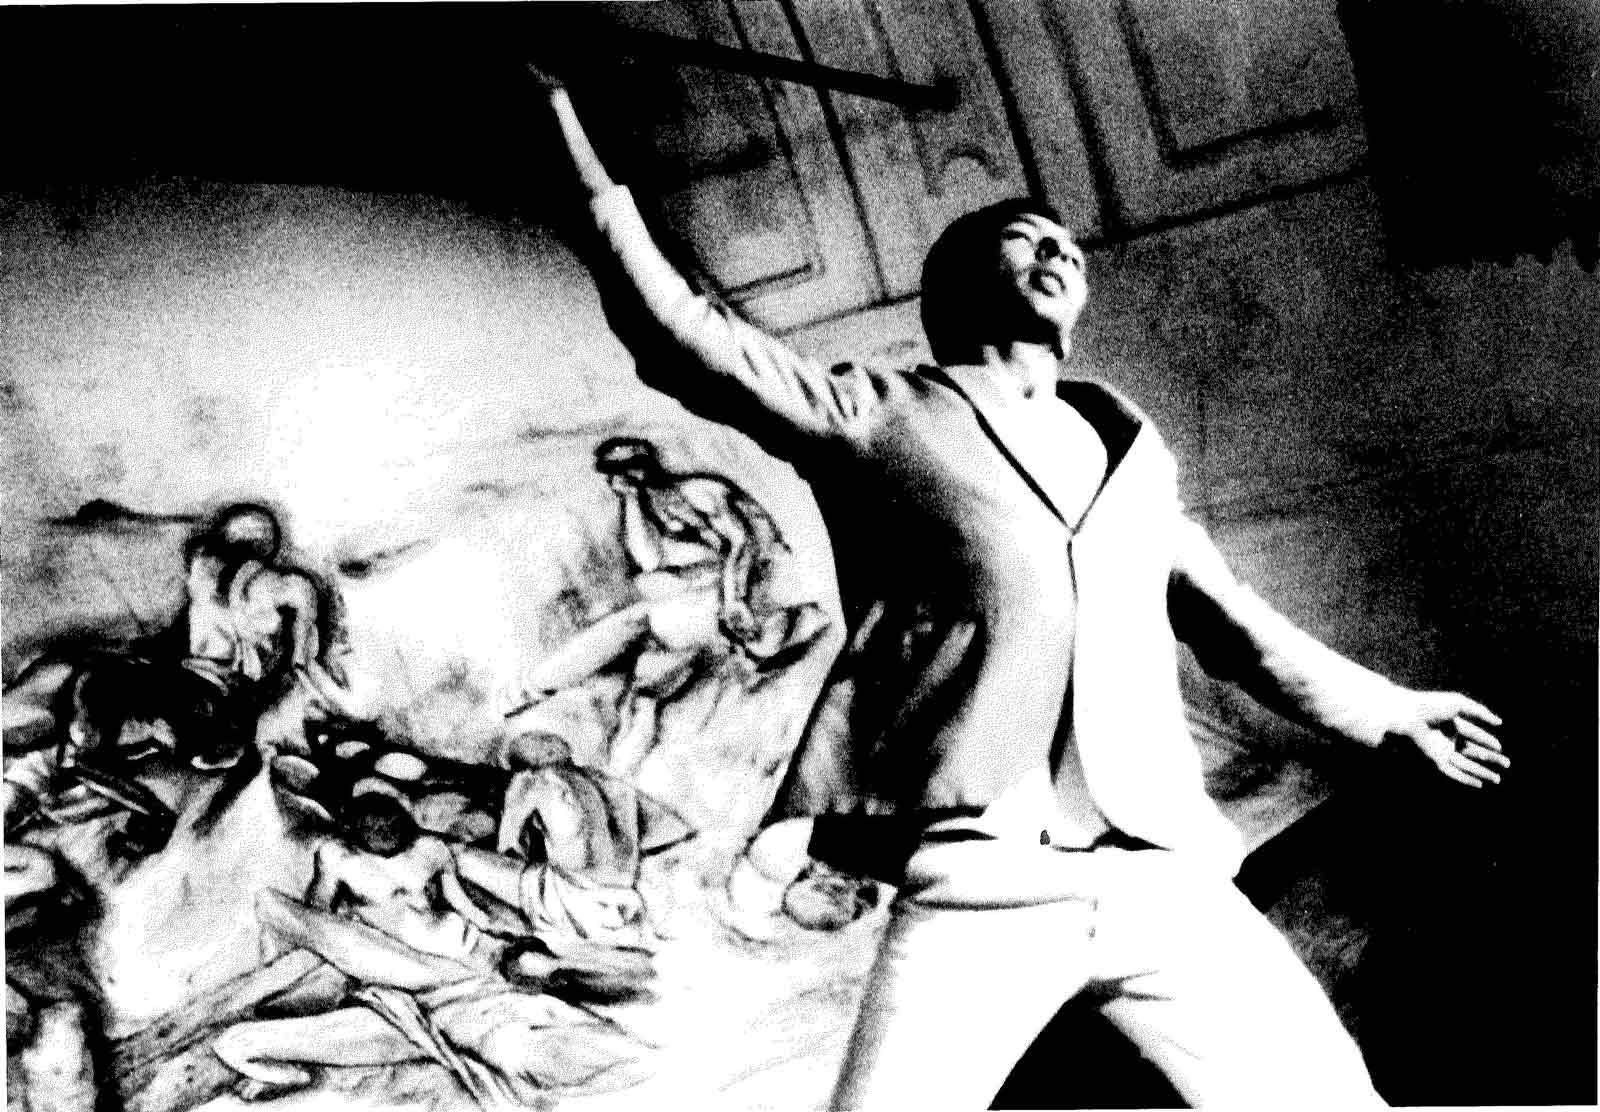 Danio Manfredini, Miracolo della rosa, 1988. Archivio privato de la Corte Ospitale, 1988.